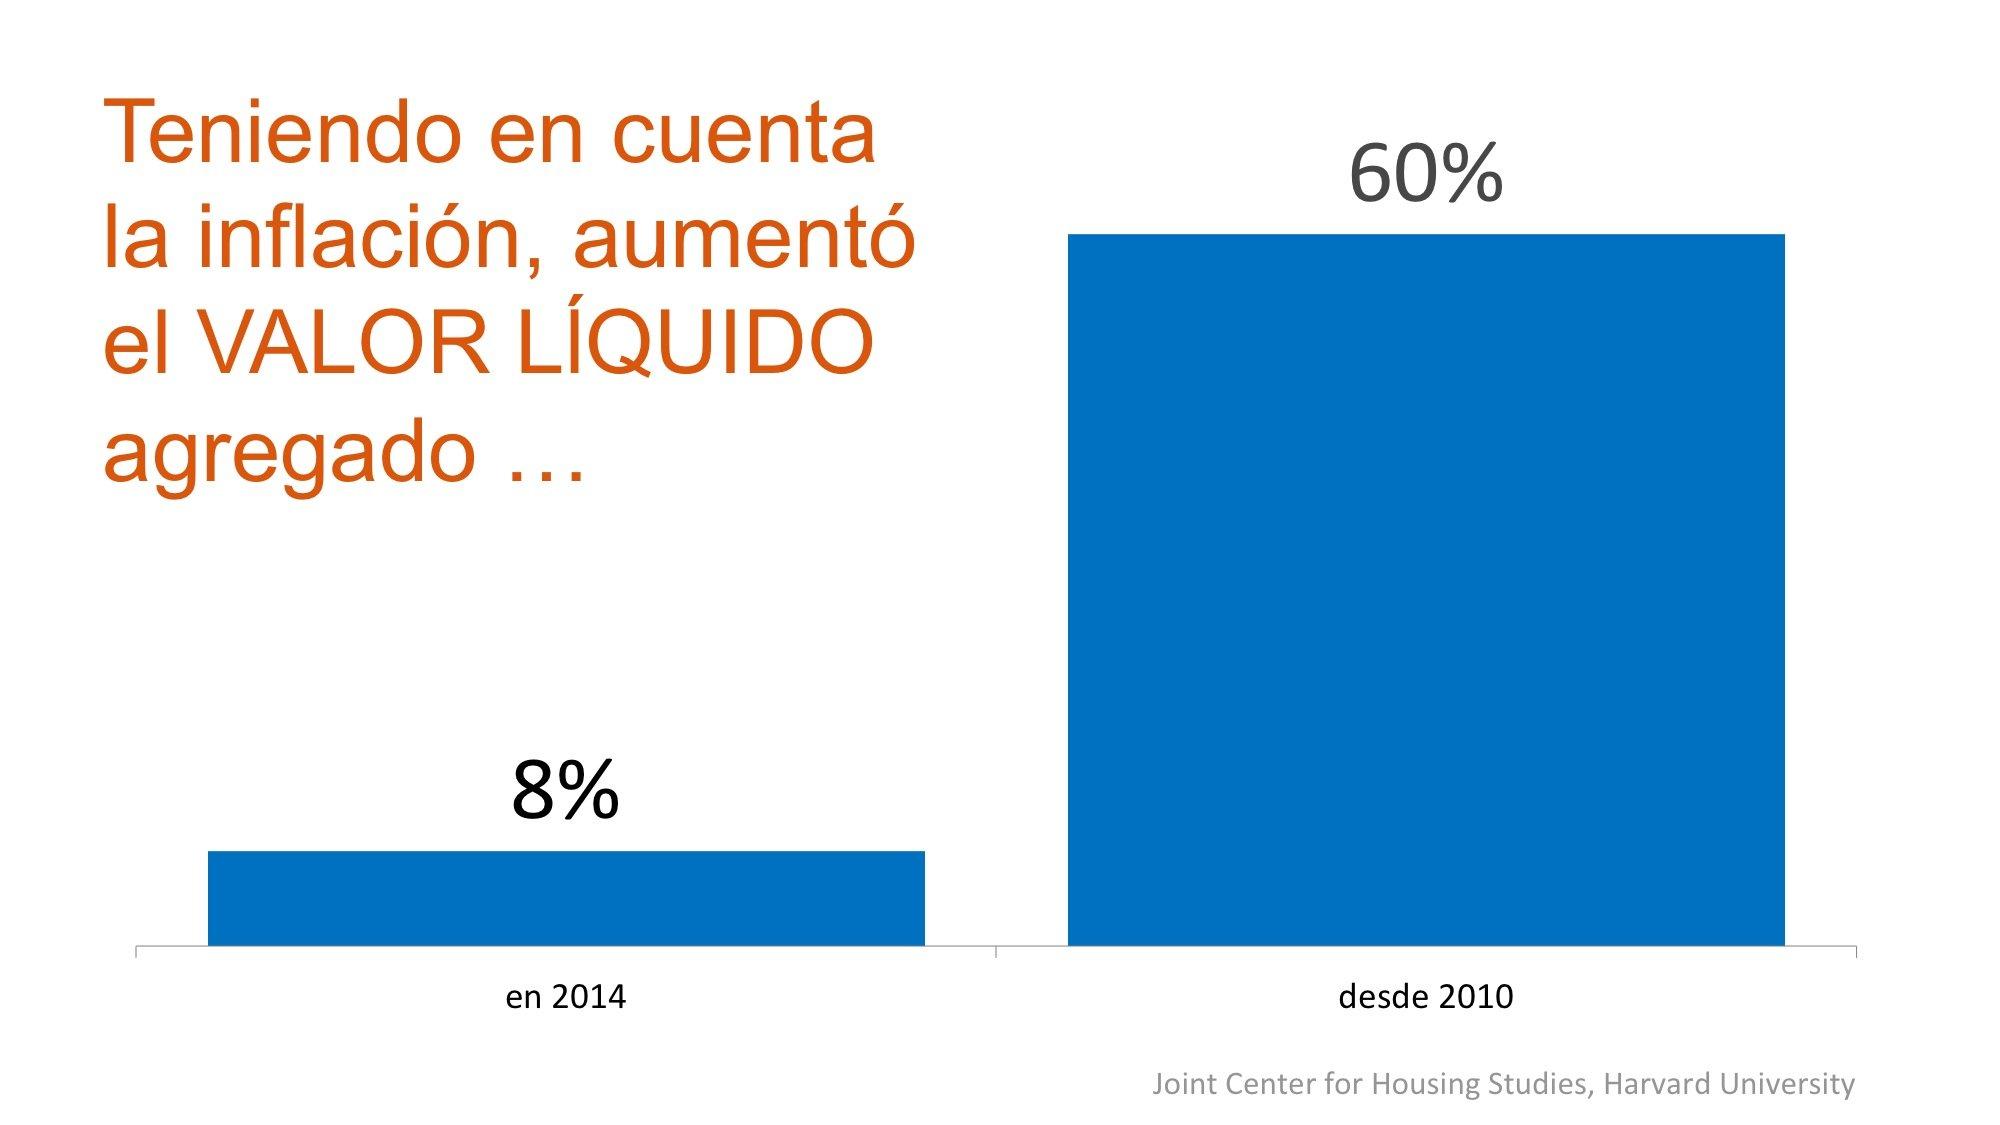 inflacion & el valor liquido| Simplifying The Market